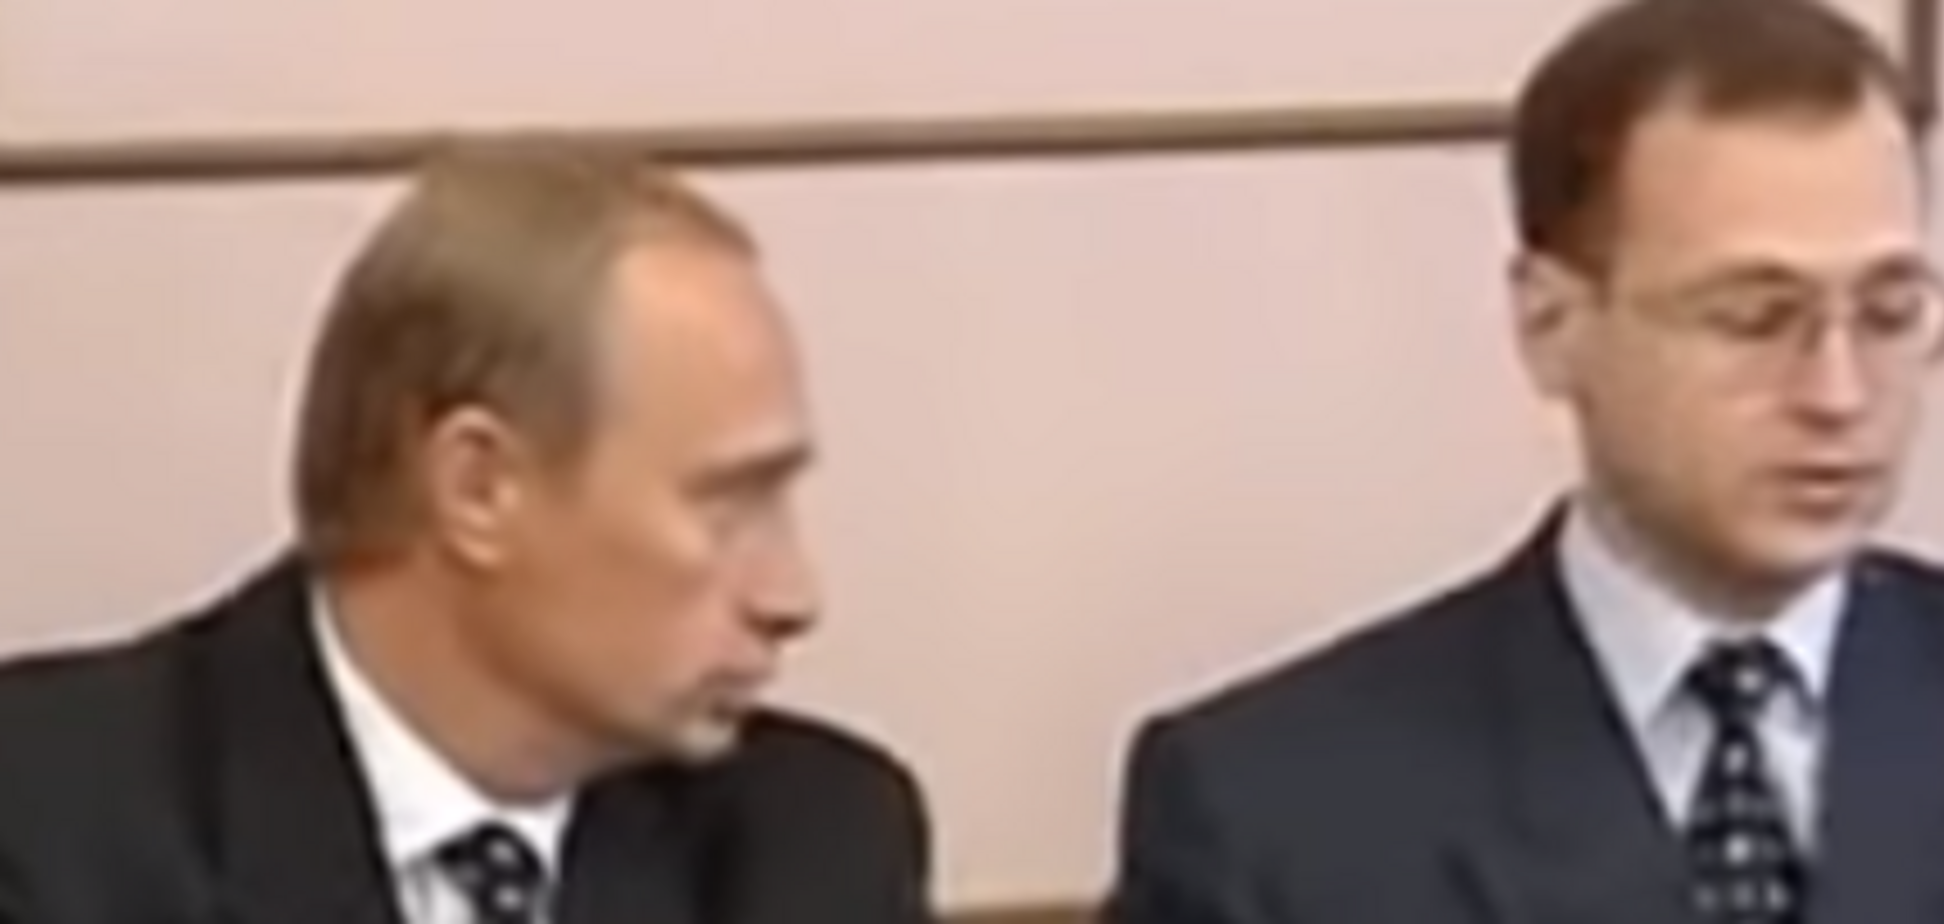 20 років при владі: в мережі спливло знакове відео з Путіним